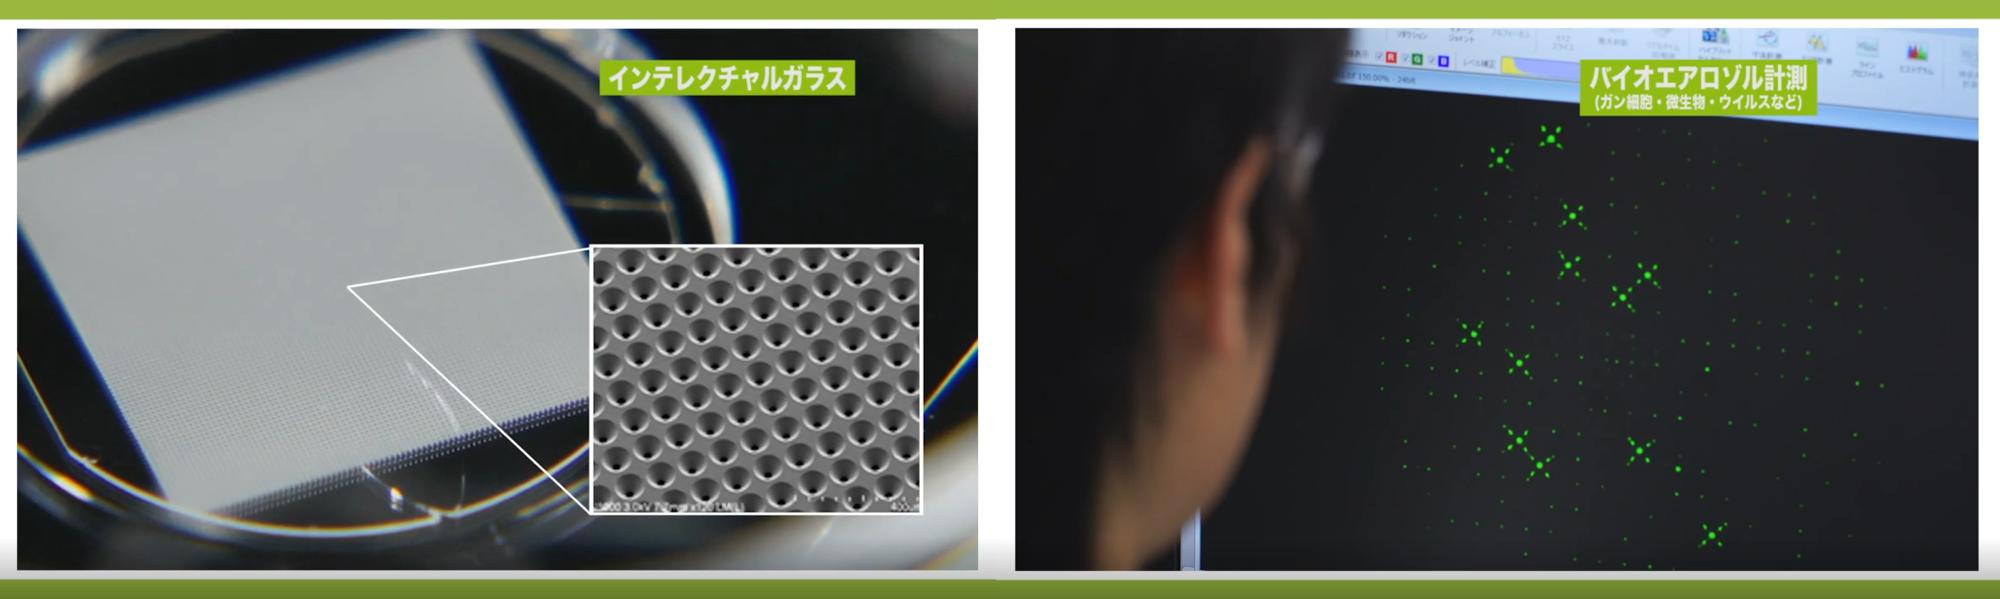 インテレクチャル ガラスIntellectual glass、リキッドバイオプシーliquid biopsy、バイオエアロゾルbio-aerosol